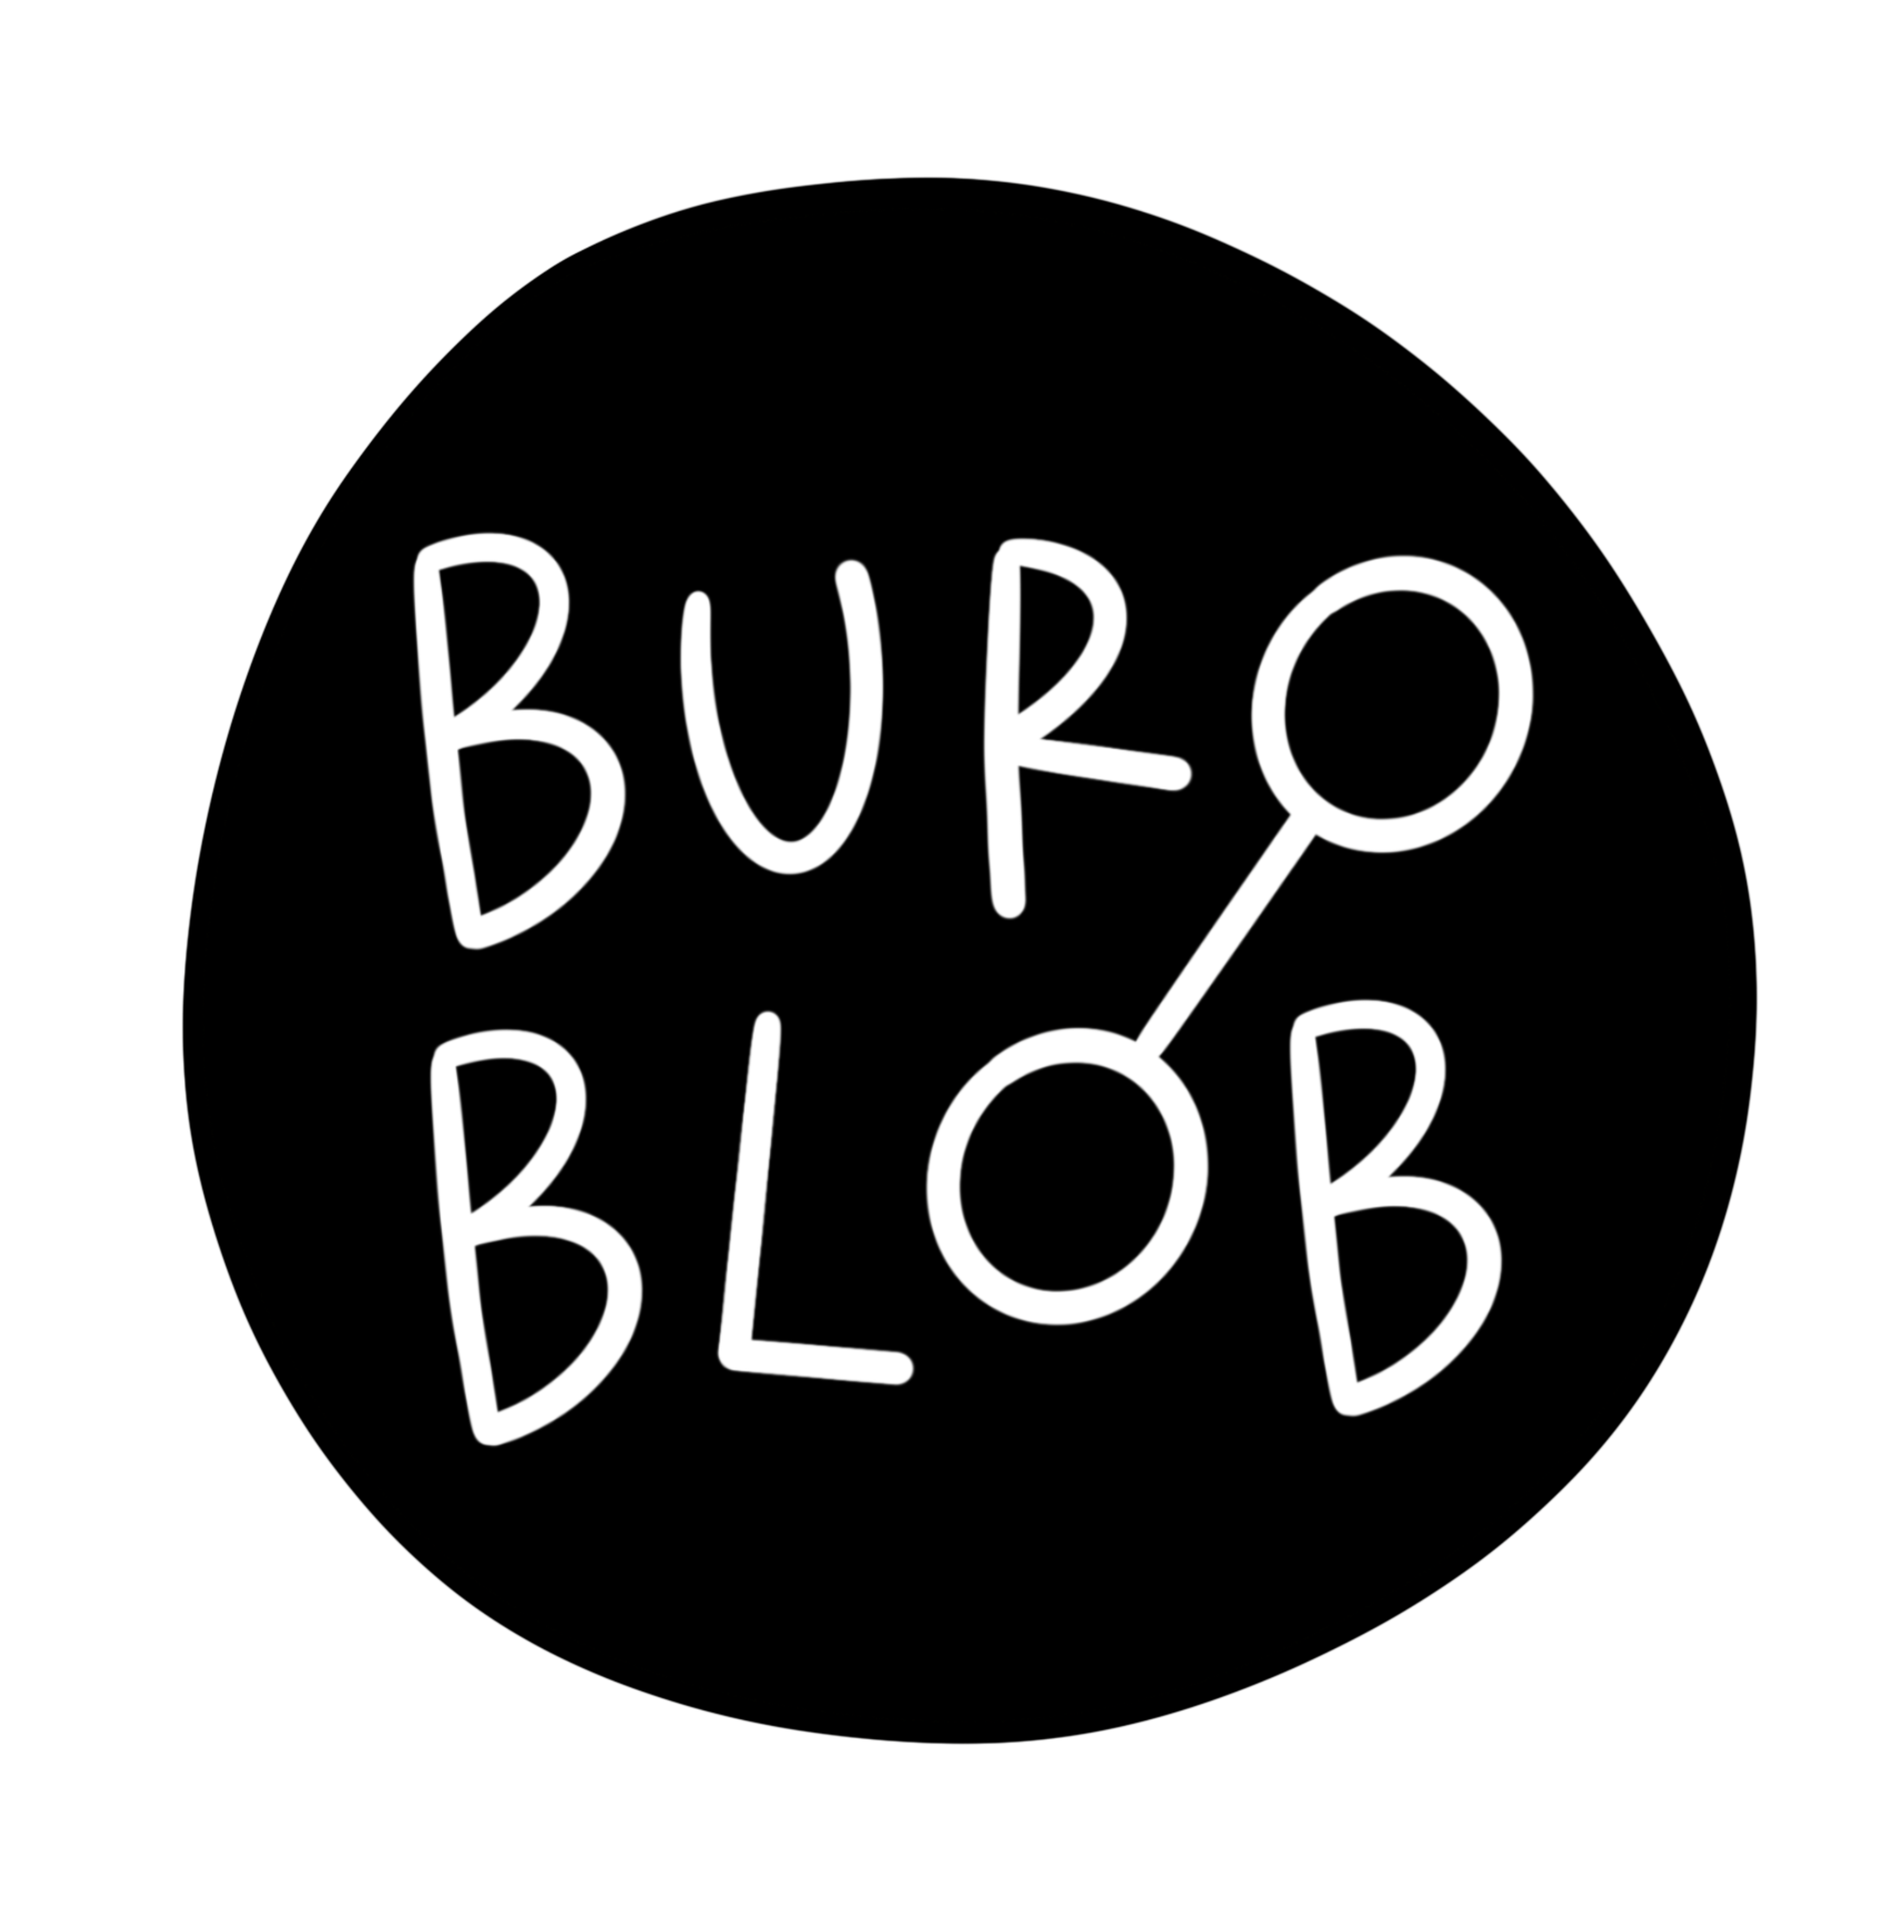 Buro Blob